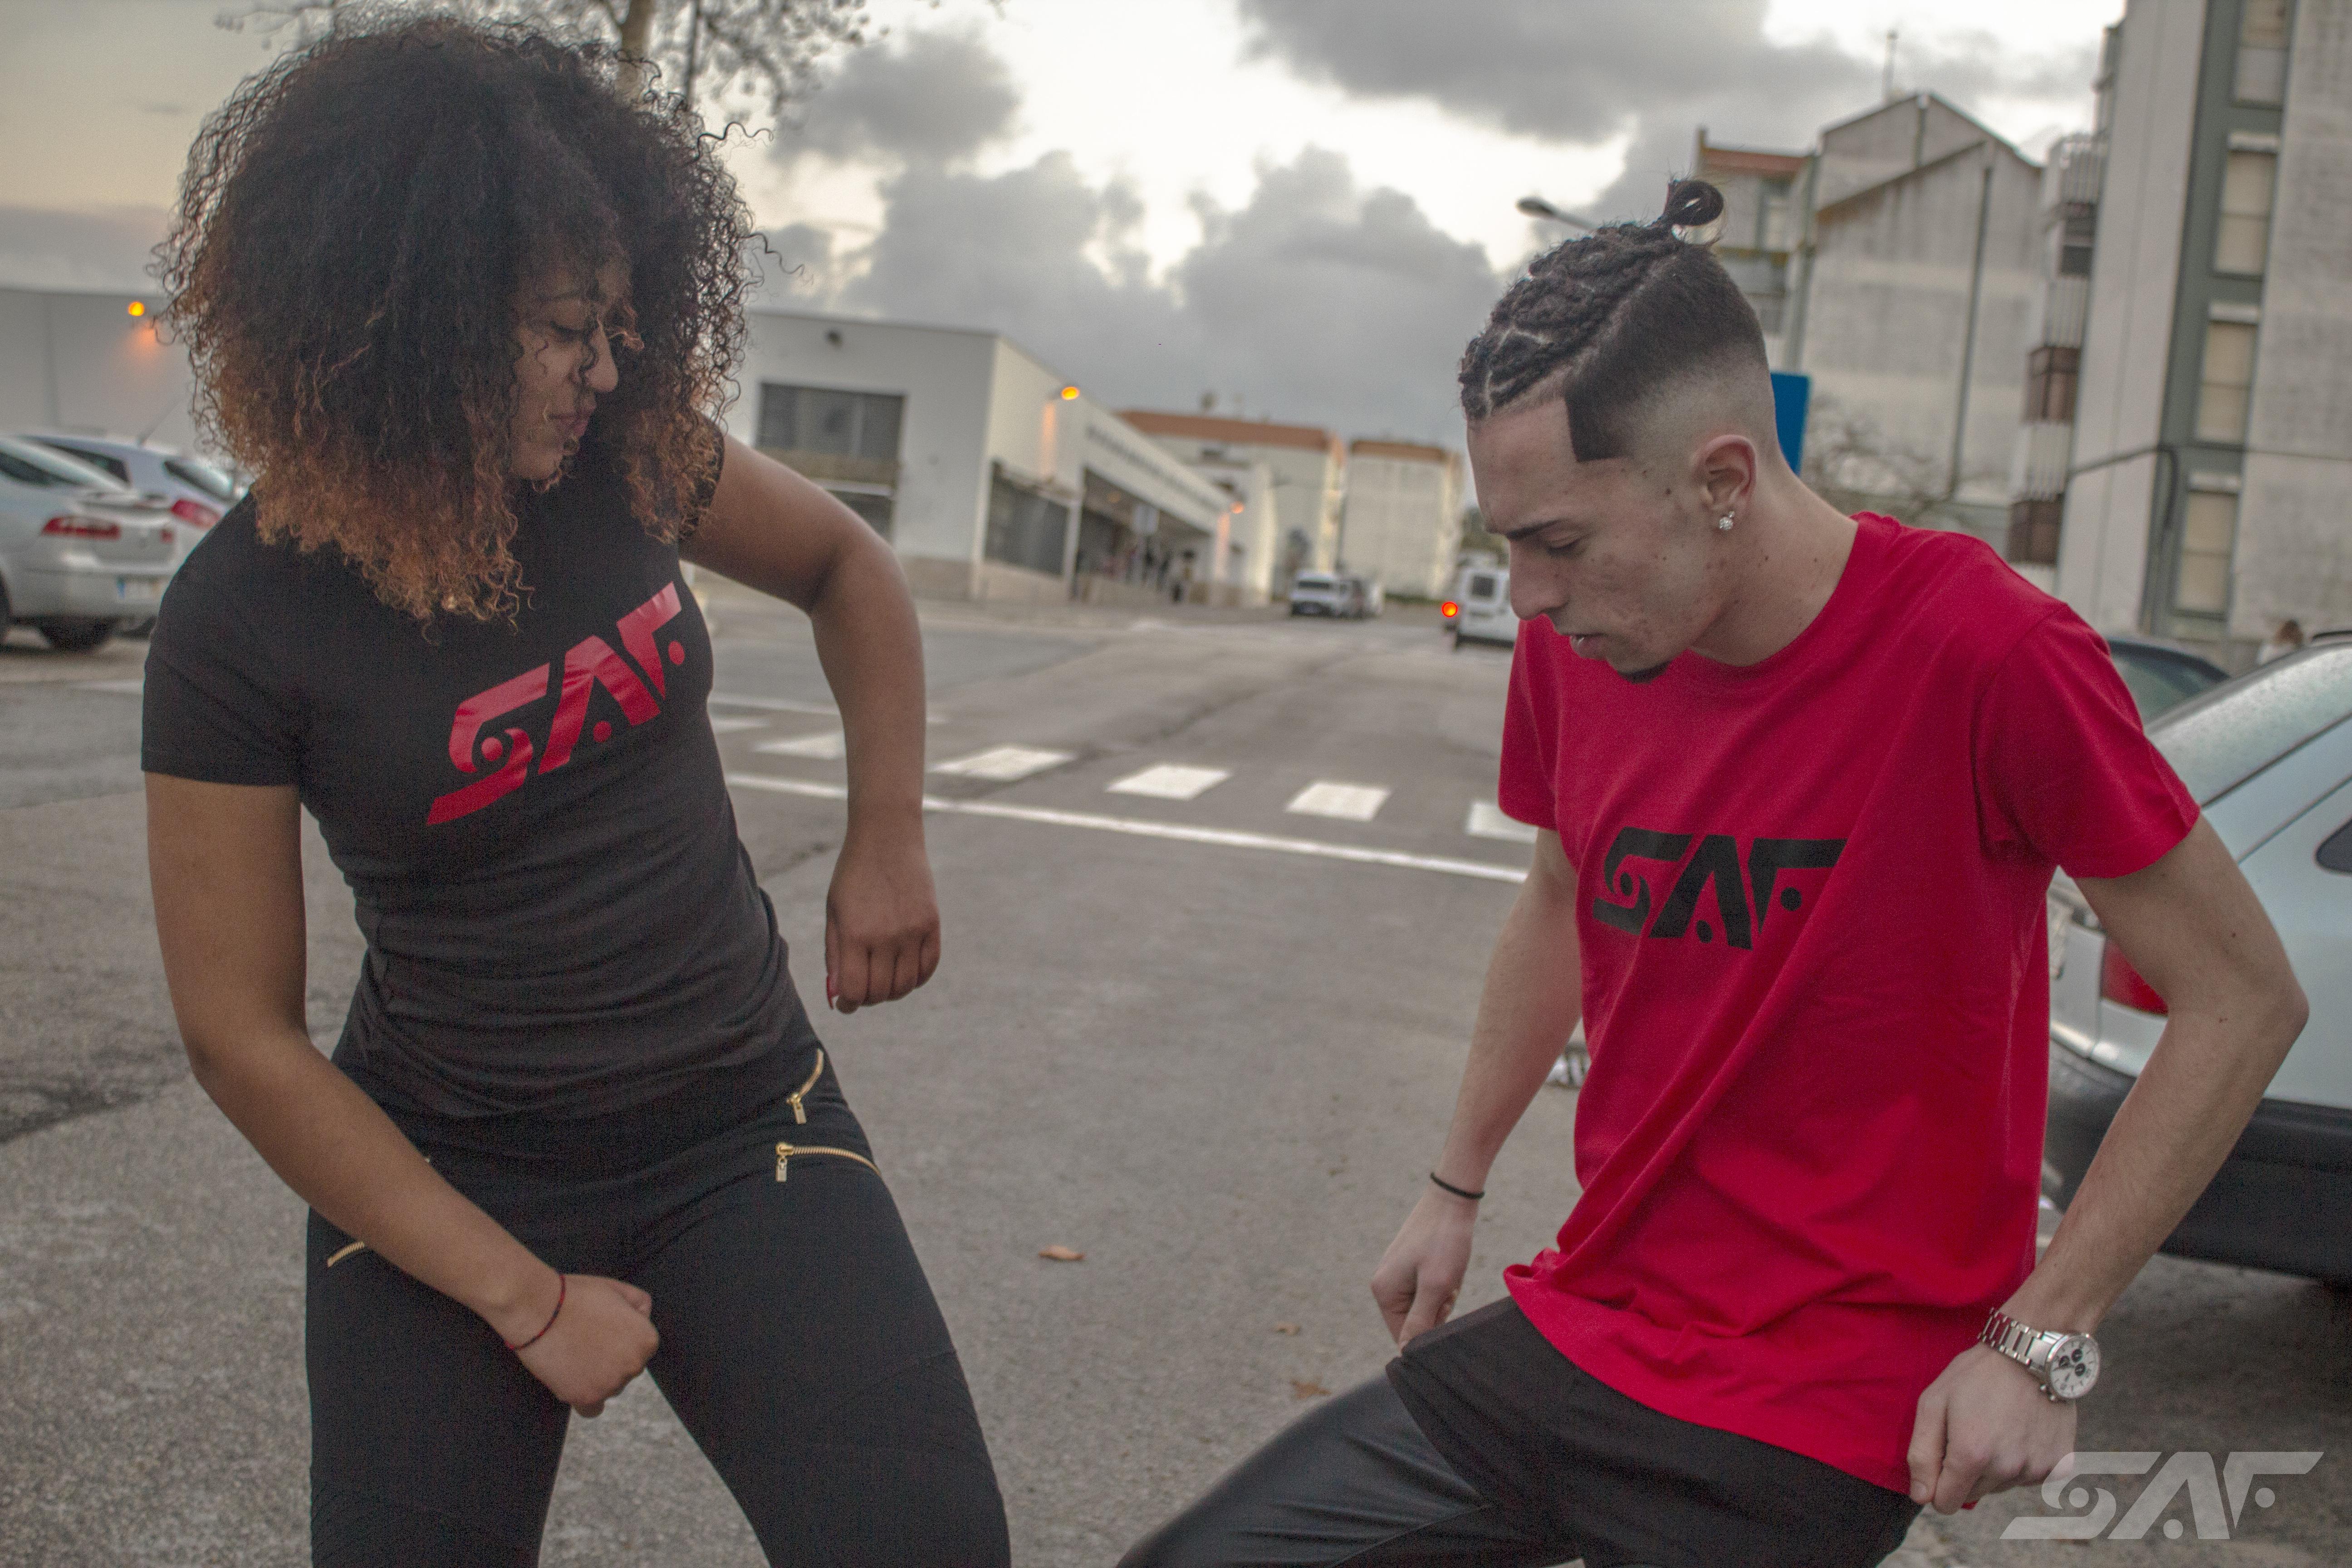 T - Shirt da SAF